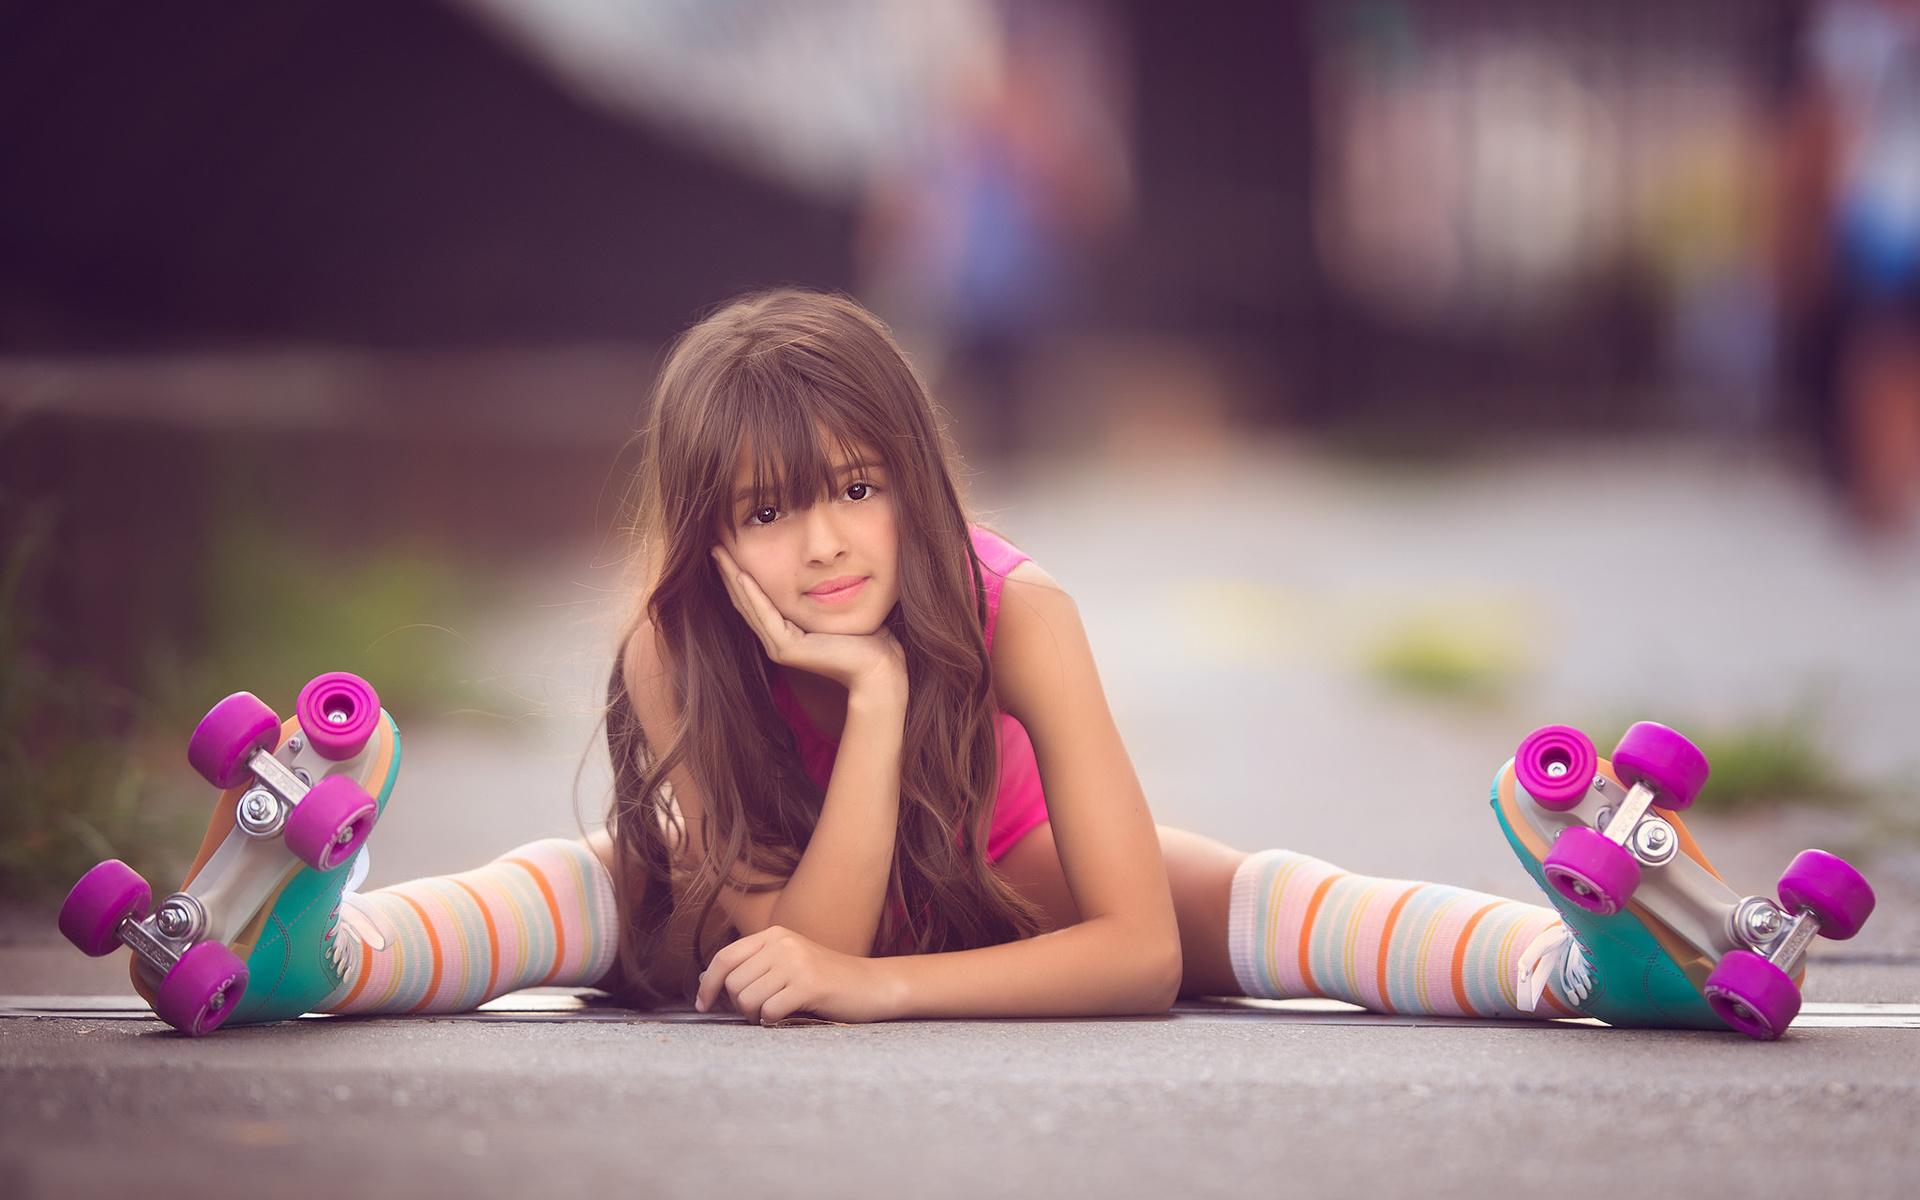 Фотки обои для девочек